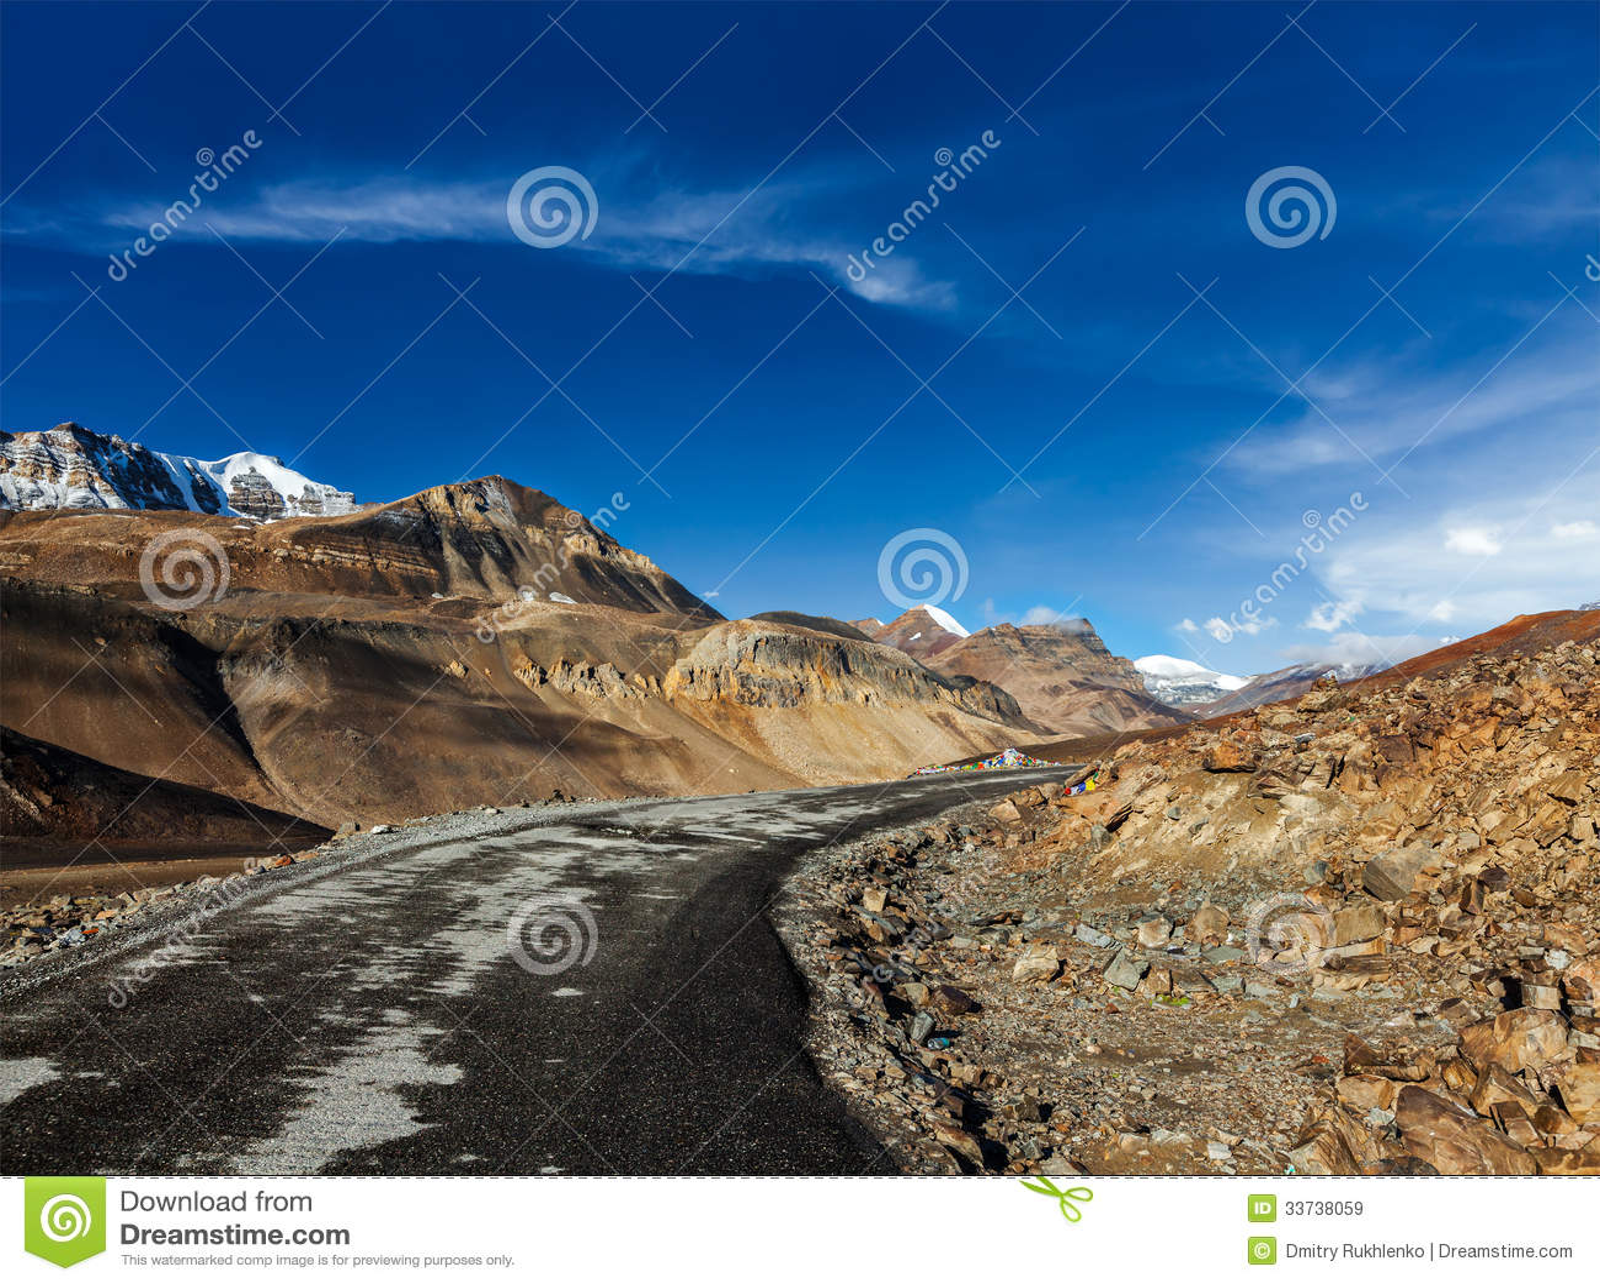 Дорога Manali-Leh